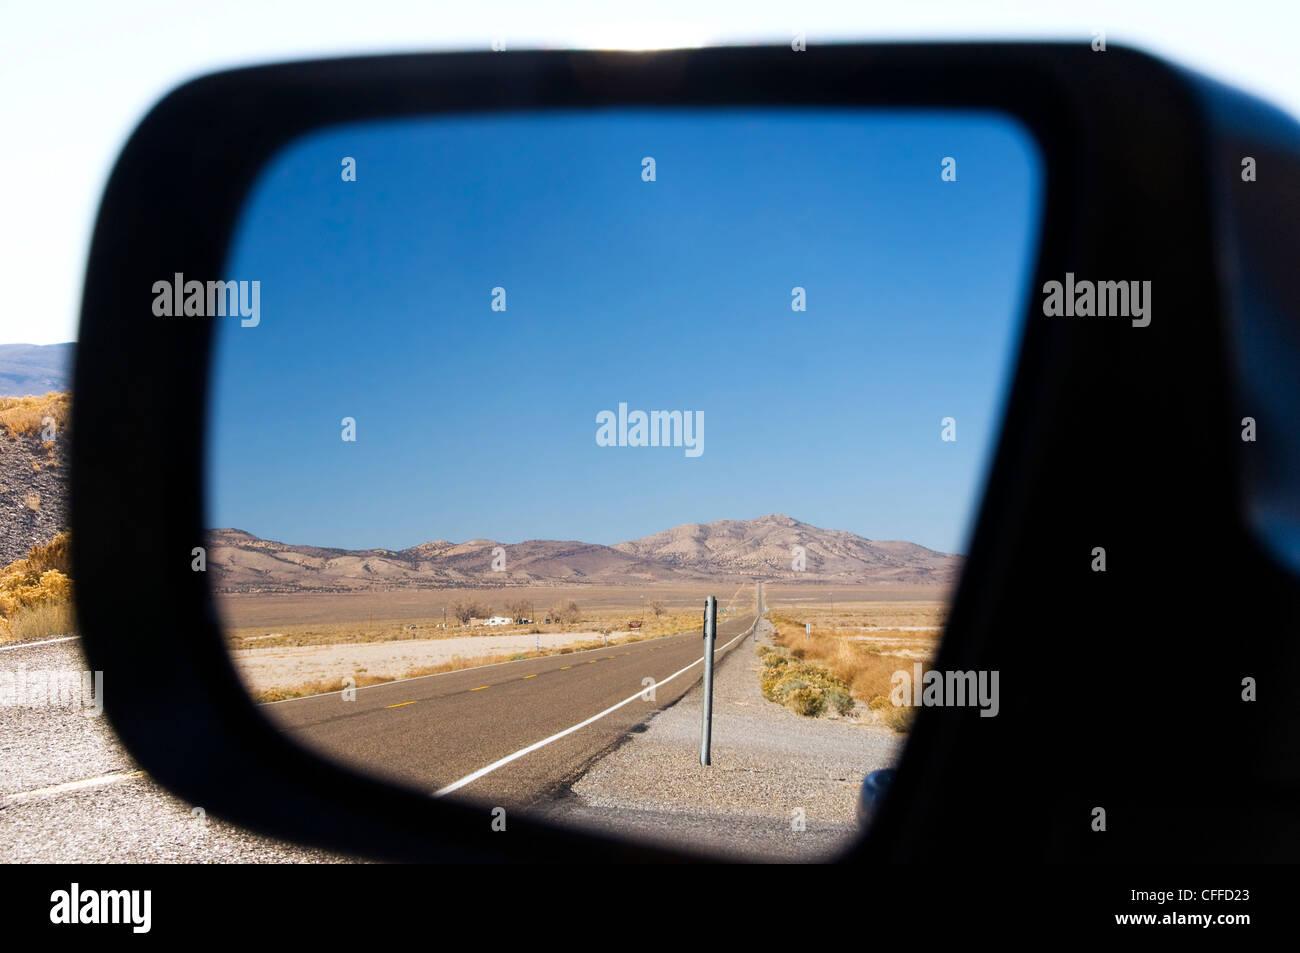 Autostrada 50 in Nevada, meglio conosciuta come la strada isolate in America, viene riflessa in uno specchio retrovisore. Immagini Stock